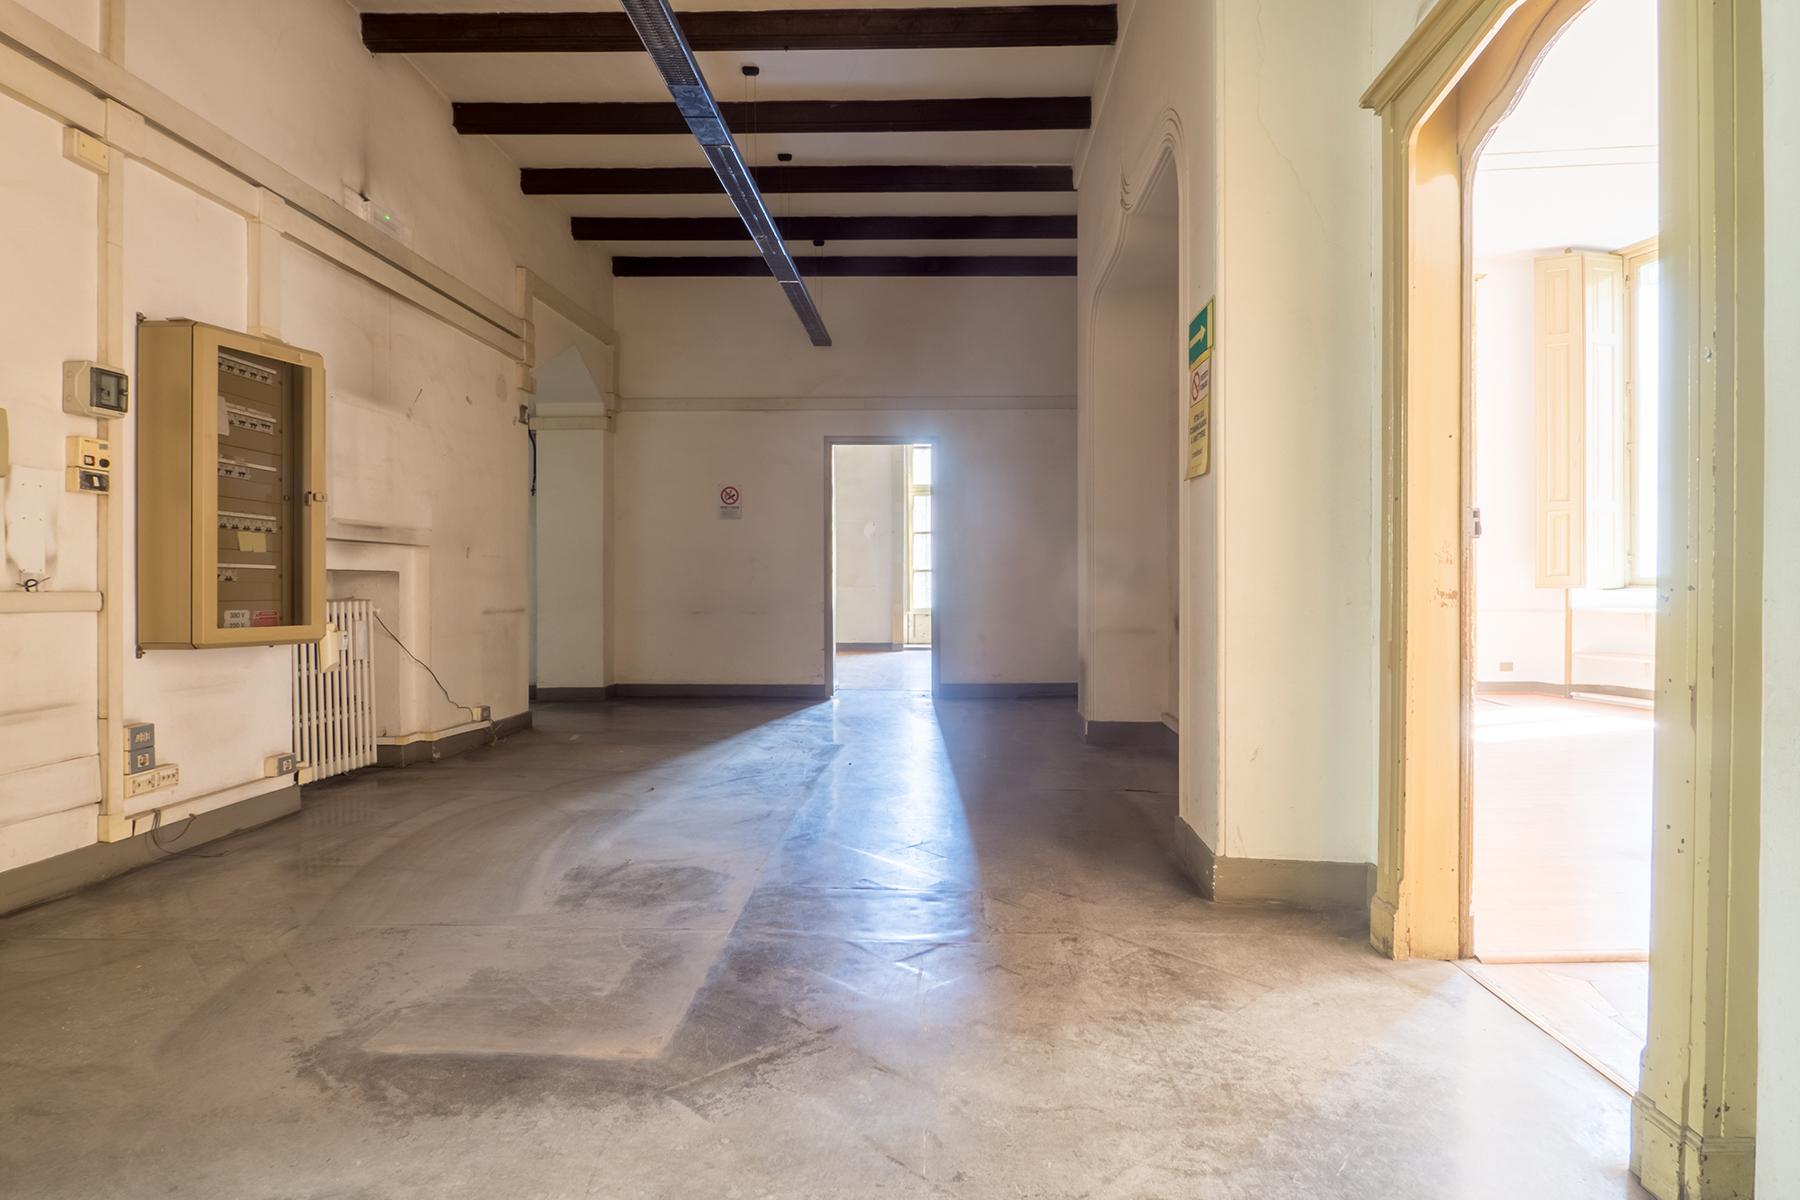 Ufficio-studio in Affitto a Torino: 5 locali, 676 mq - Foto 9